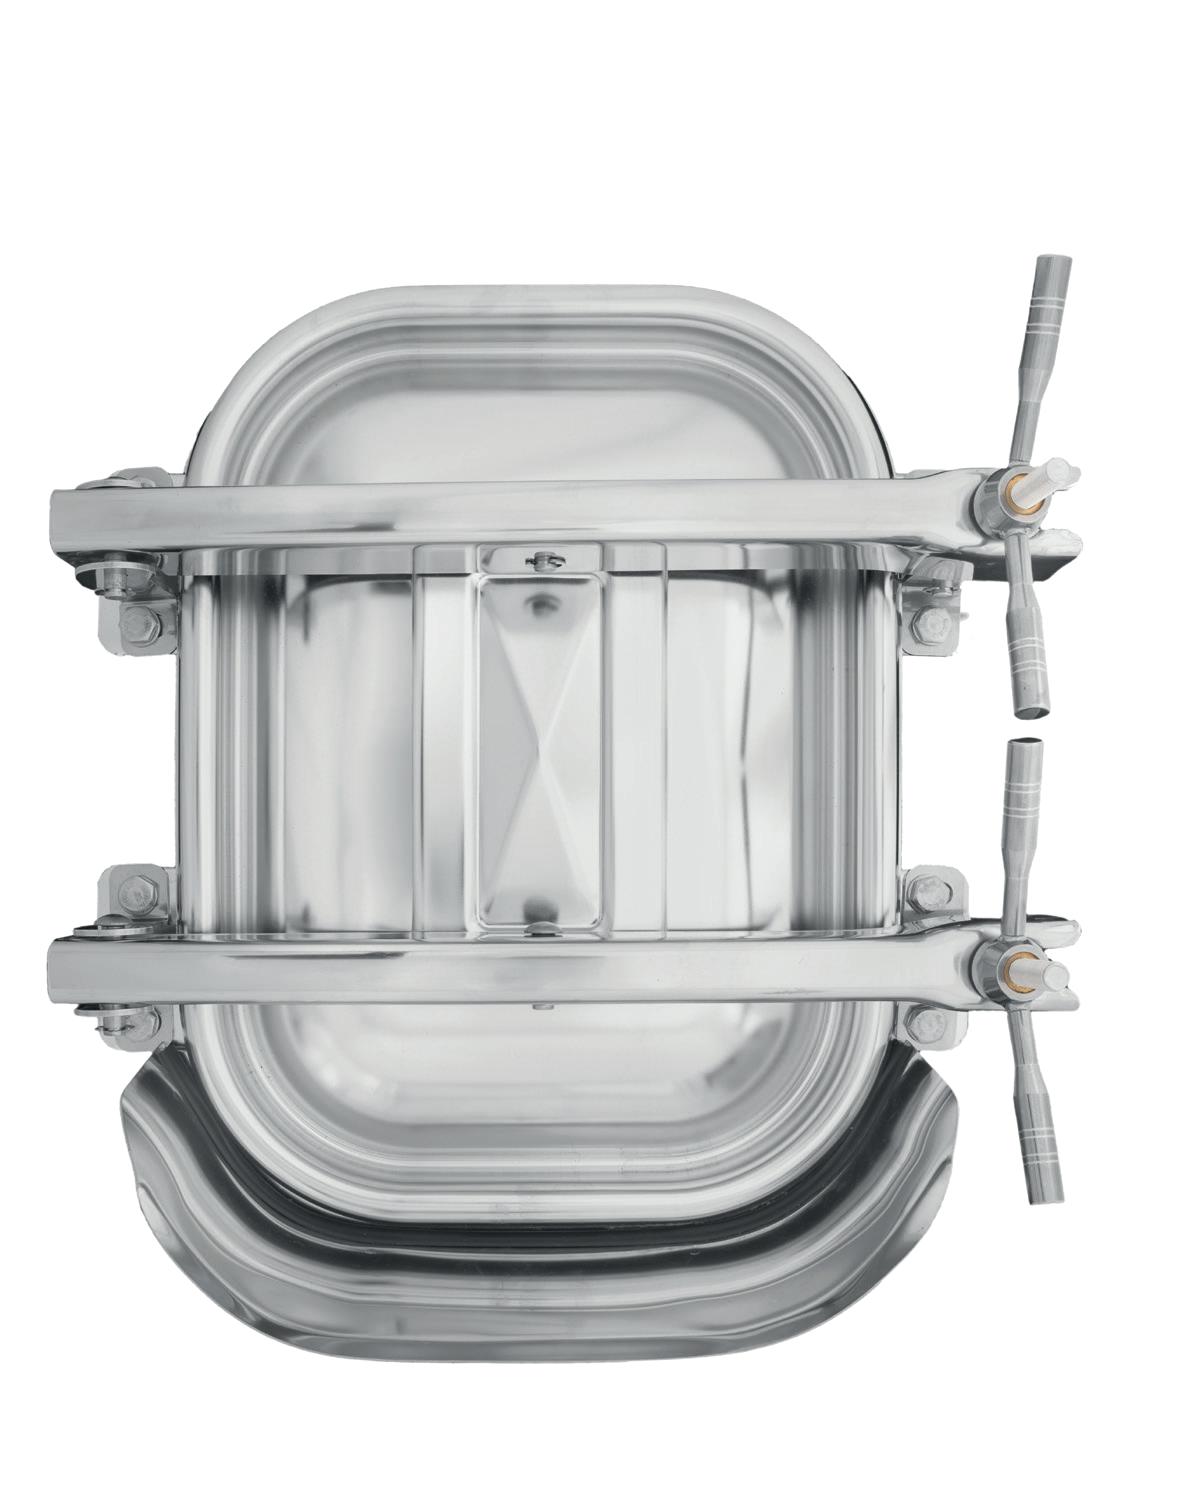 accessori-per-serbatoi-inox-porta-per-serbatoio-inox-420x320-per-cemento-2